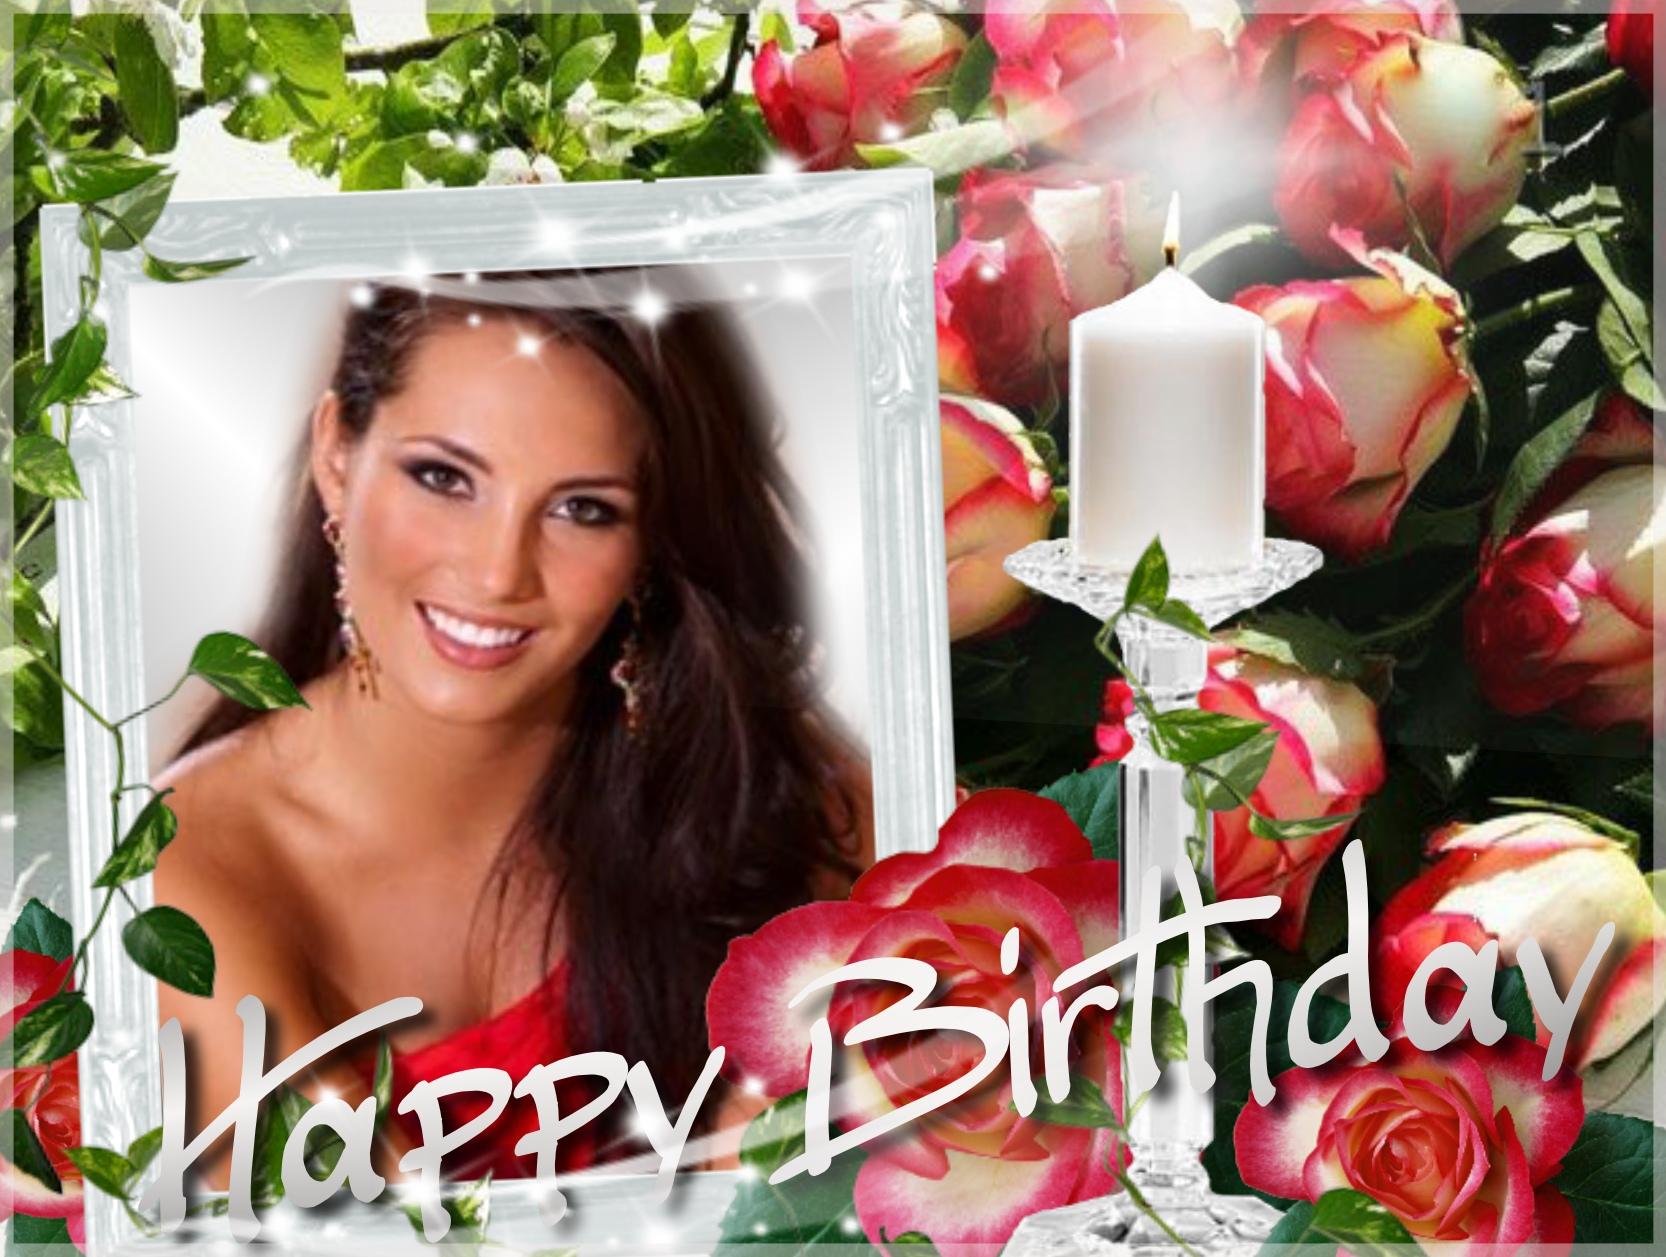 Imikimi Zo - Birthday Frames - happy birthday alles gute zum ...